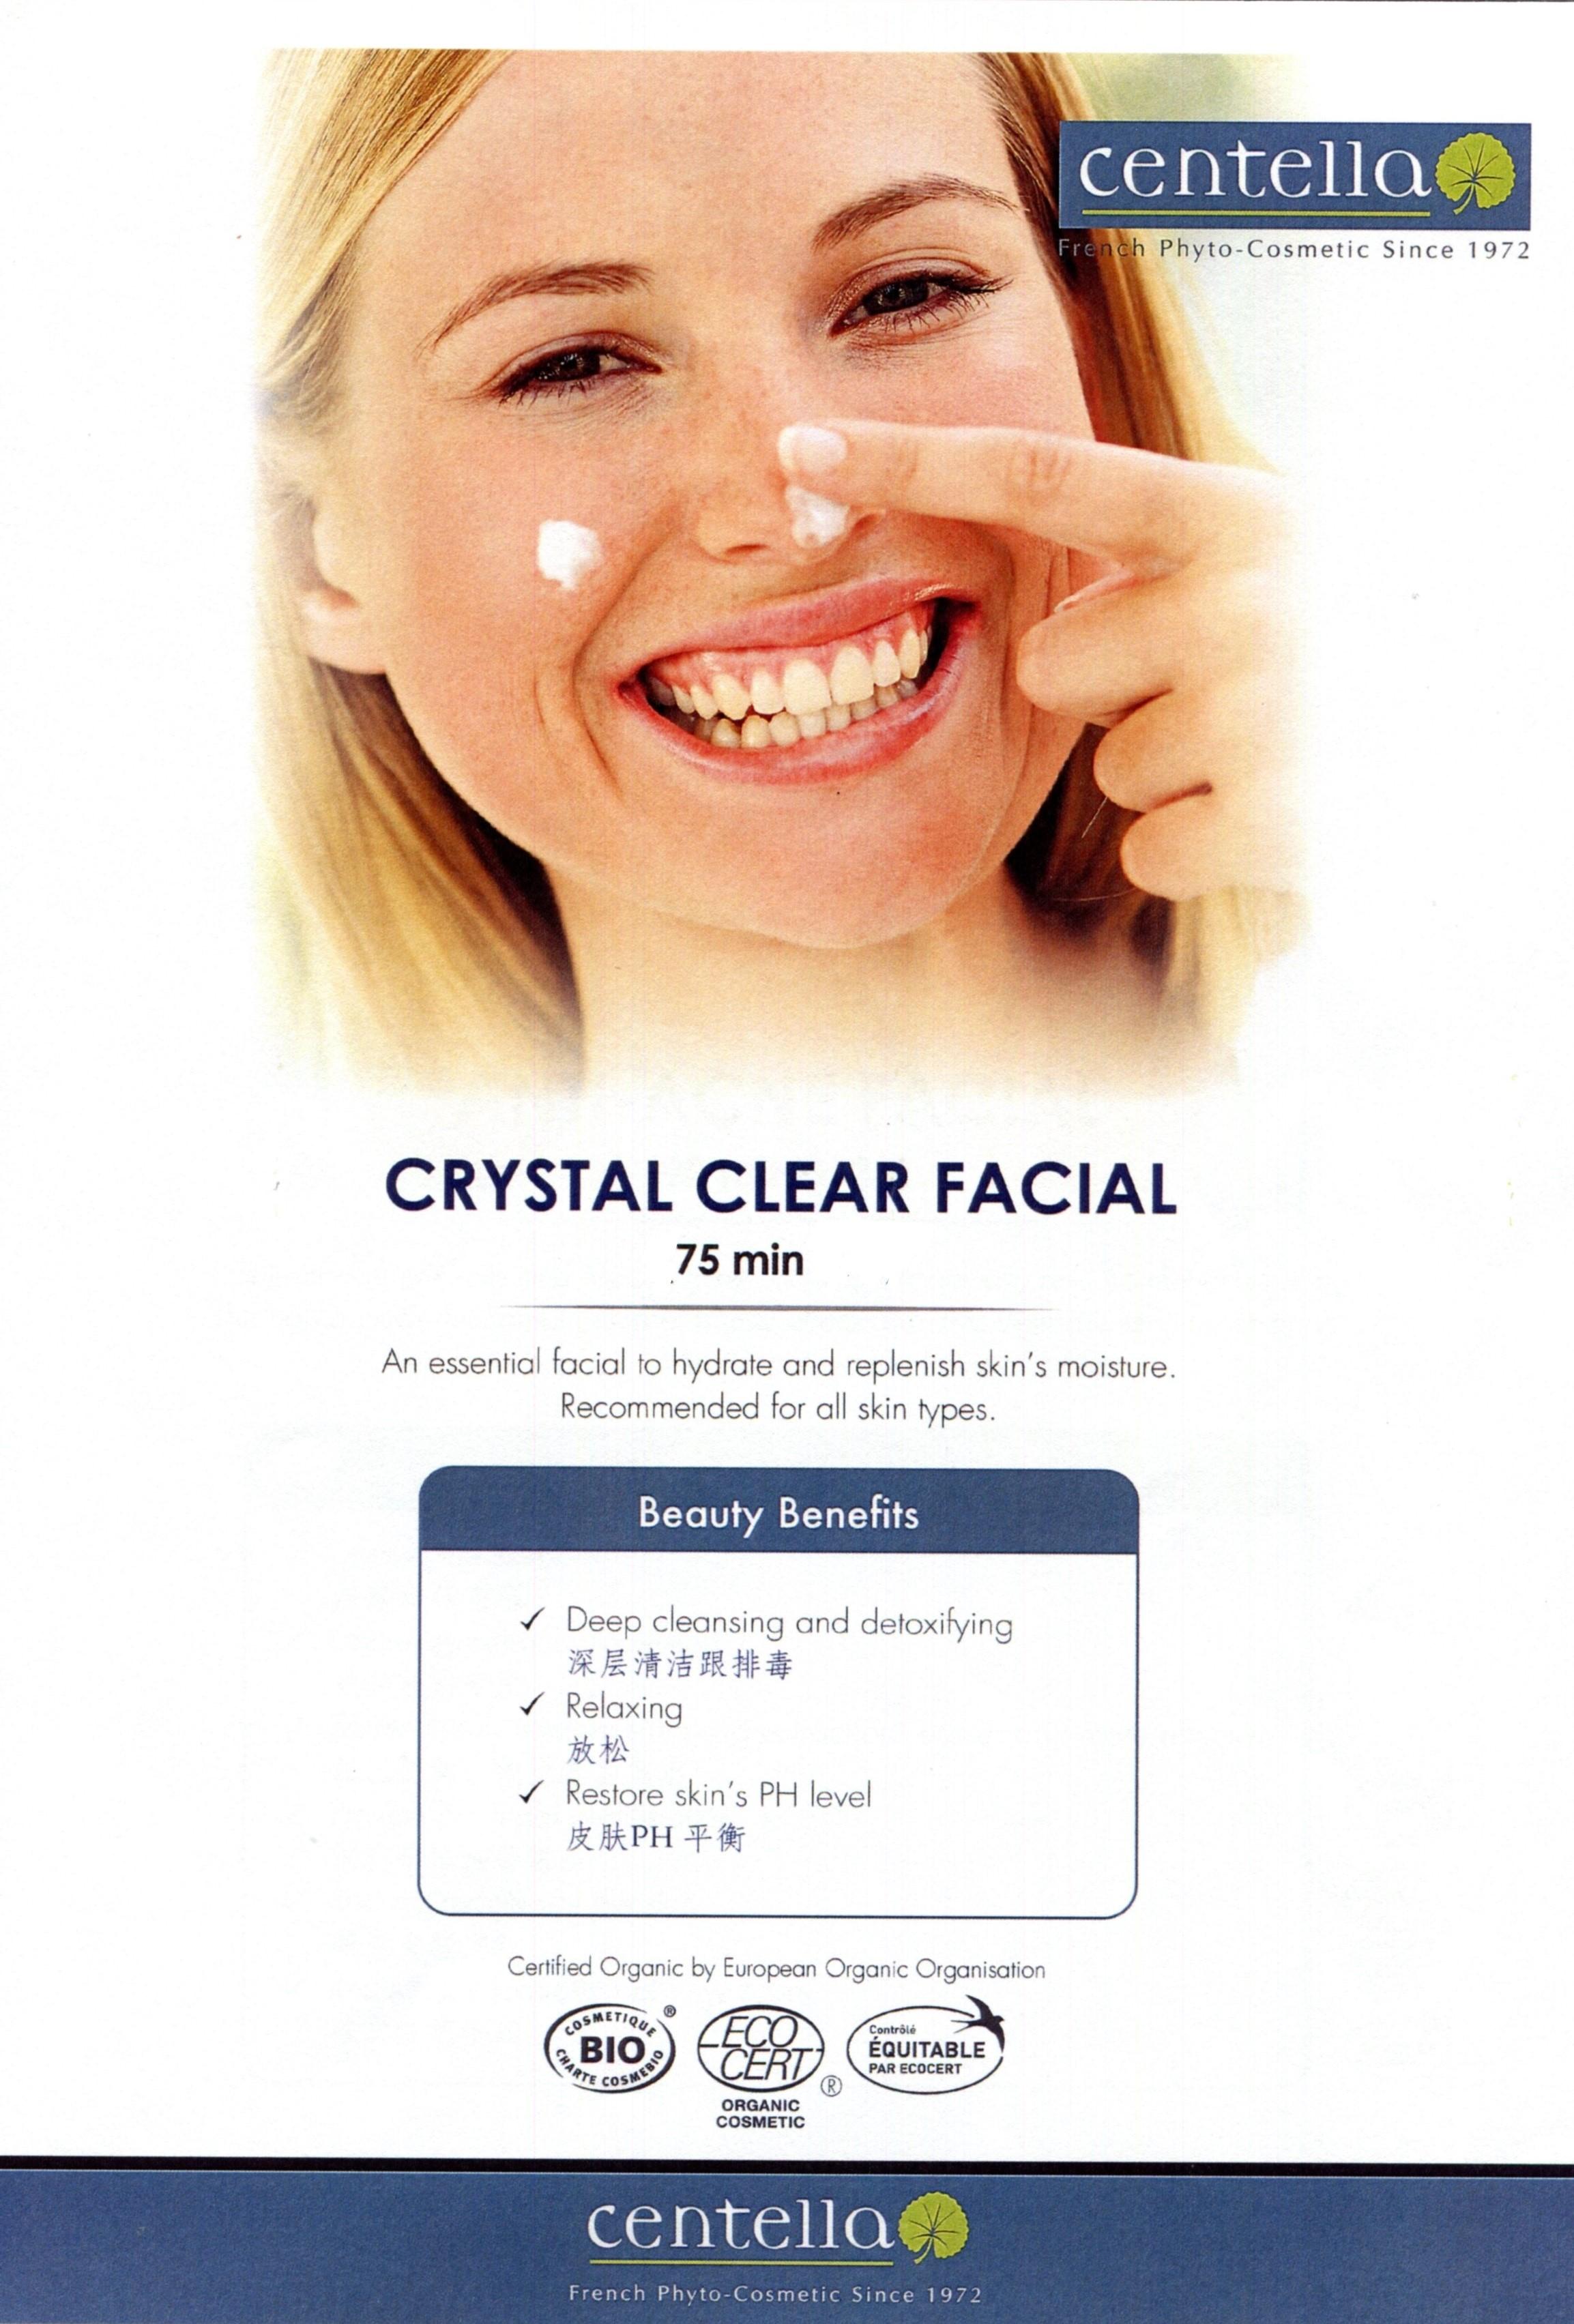 Le Petit SARA - Centella Organic Facial Treatments